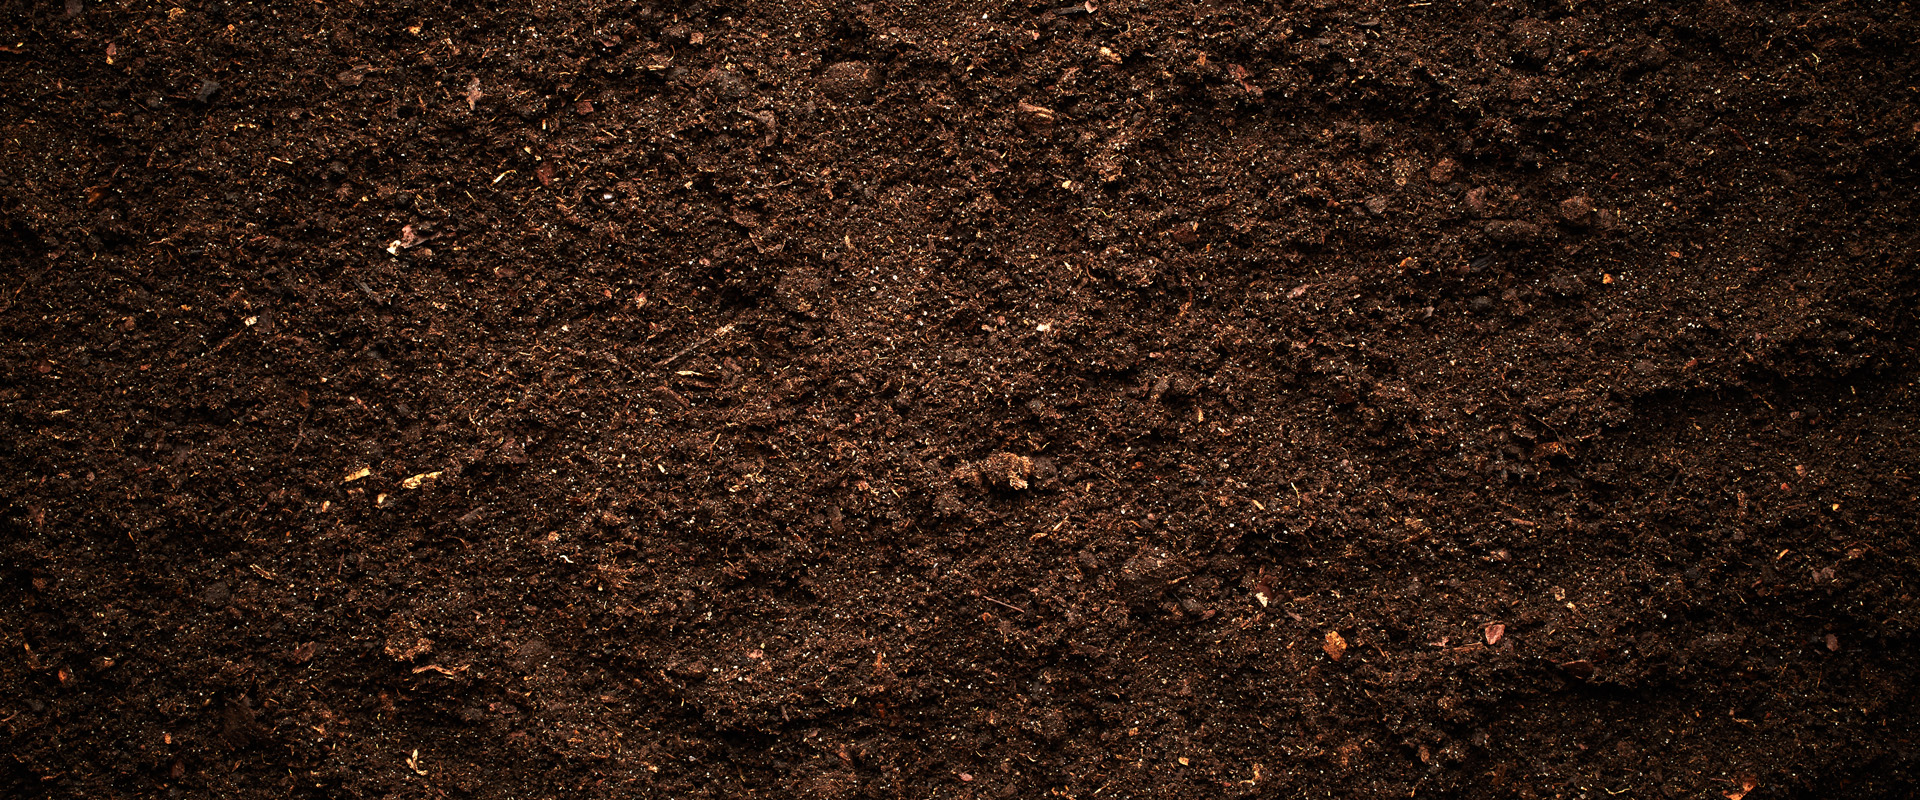 ผลการค้นหารูปภาพสำหรับ soil